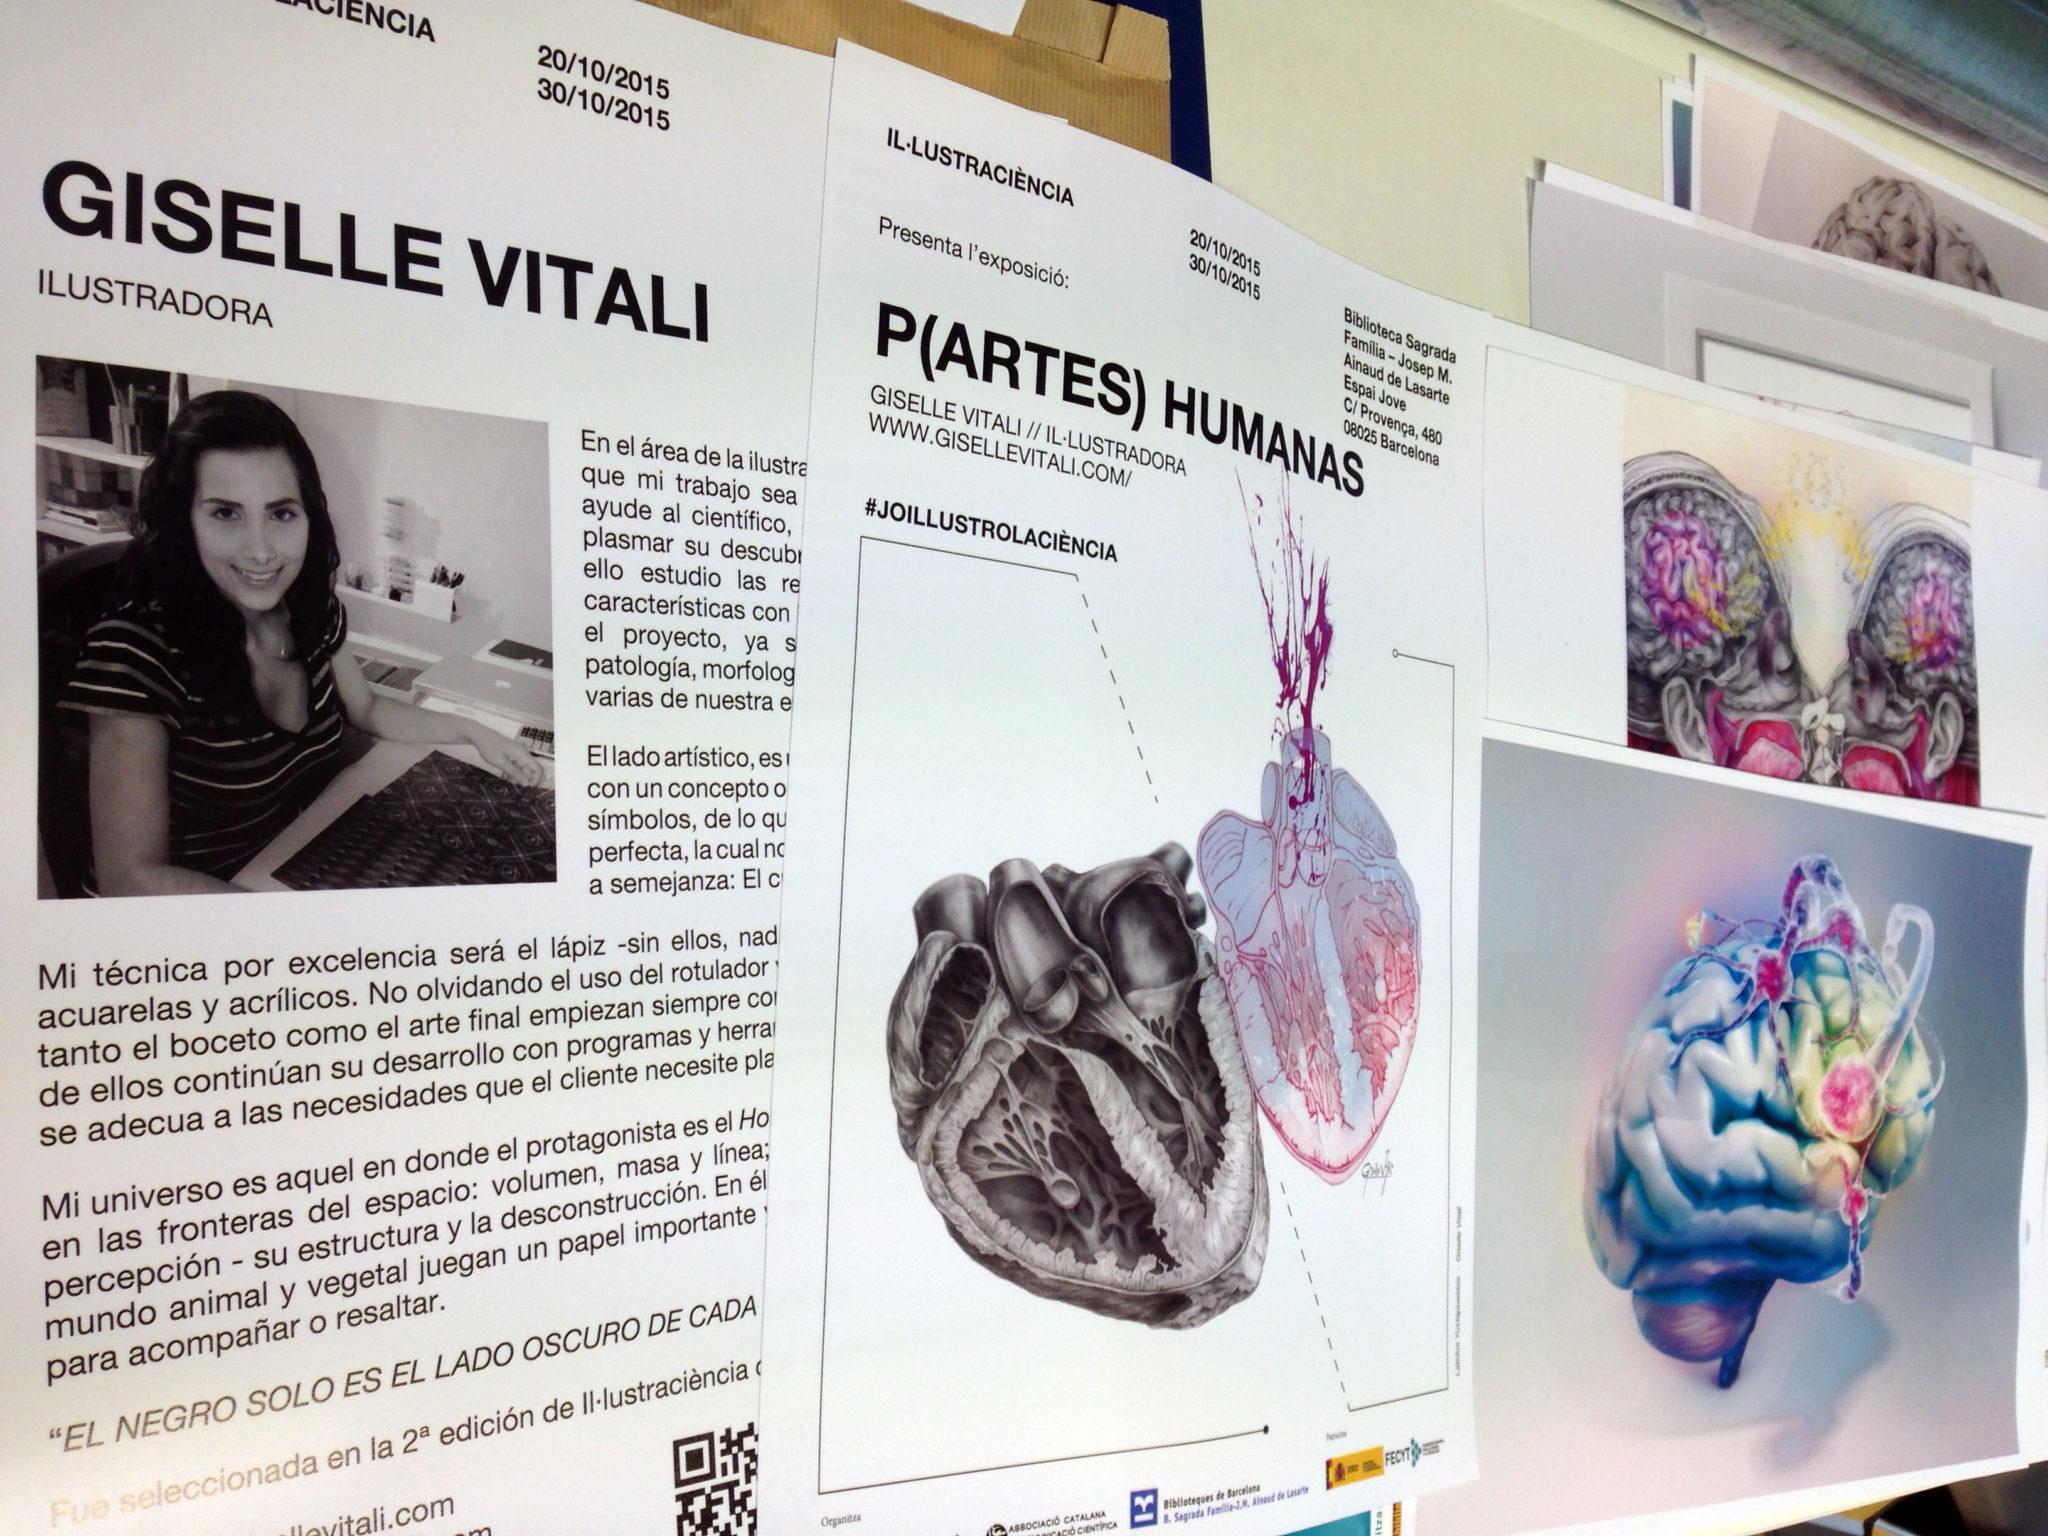 cartel_P(artes) Humanas ilustracion cientifica barcelona illustraciencia